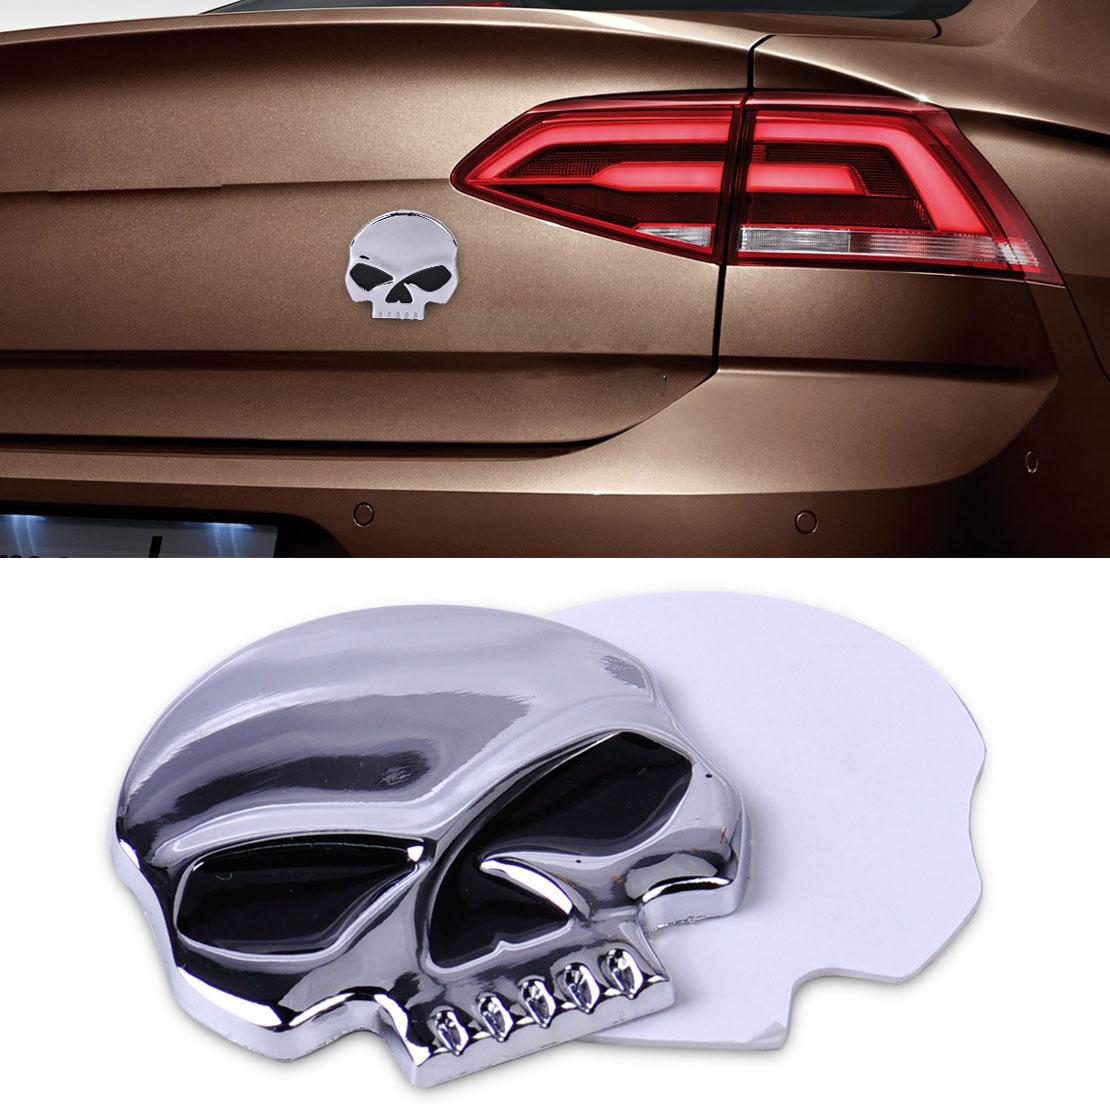 Design car emblem - Car Styling Stickers Decal Acc Metal 3d Silver Skull Skeleton Devil Head Emblem Badge Logo Sticker